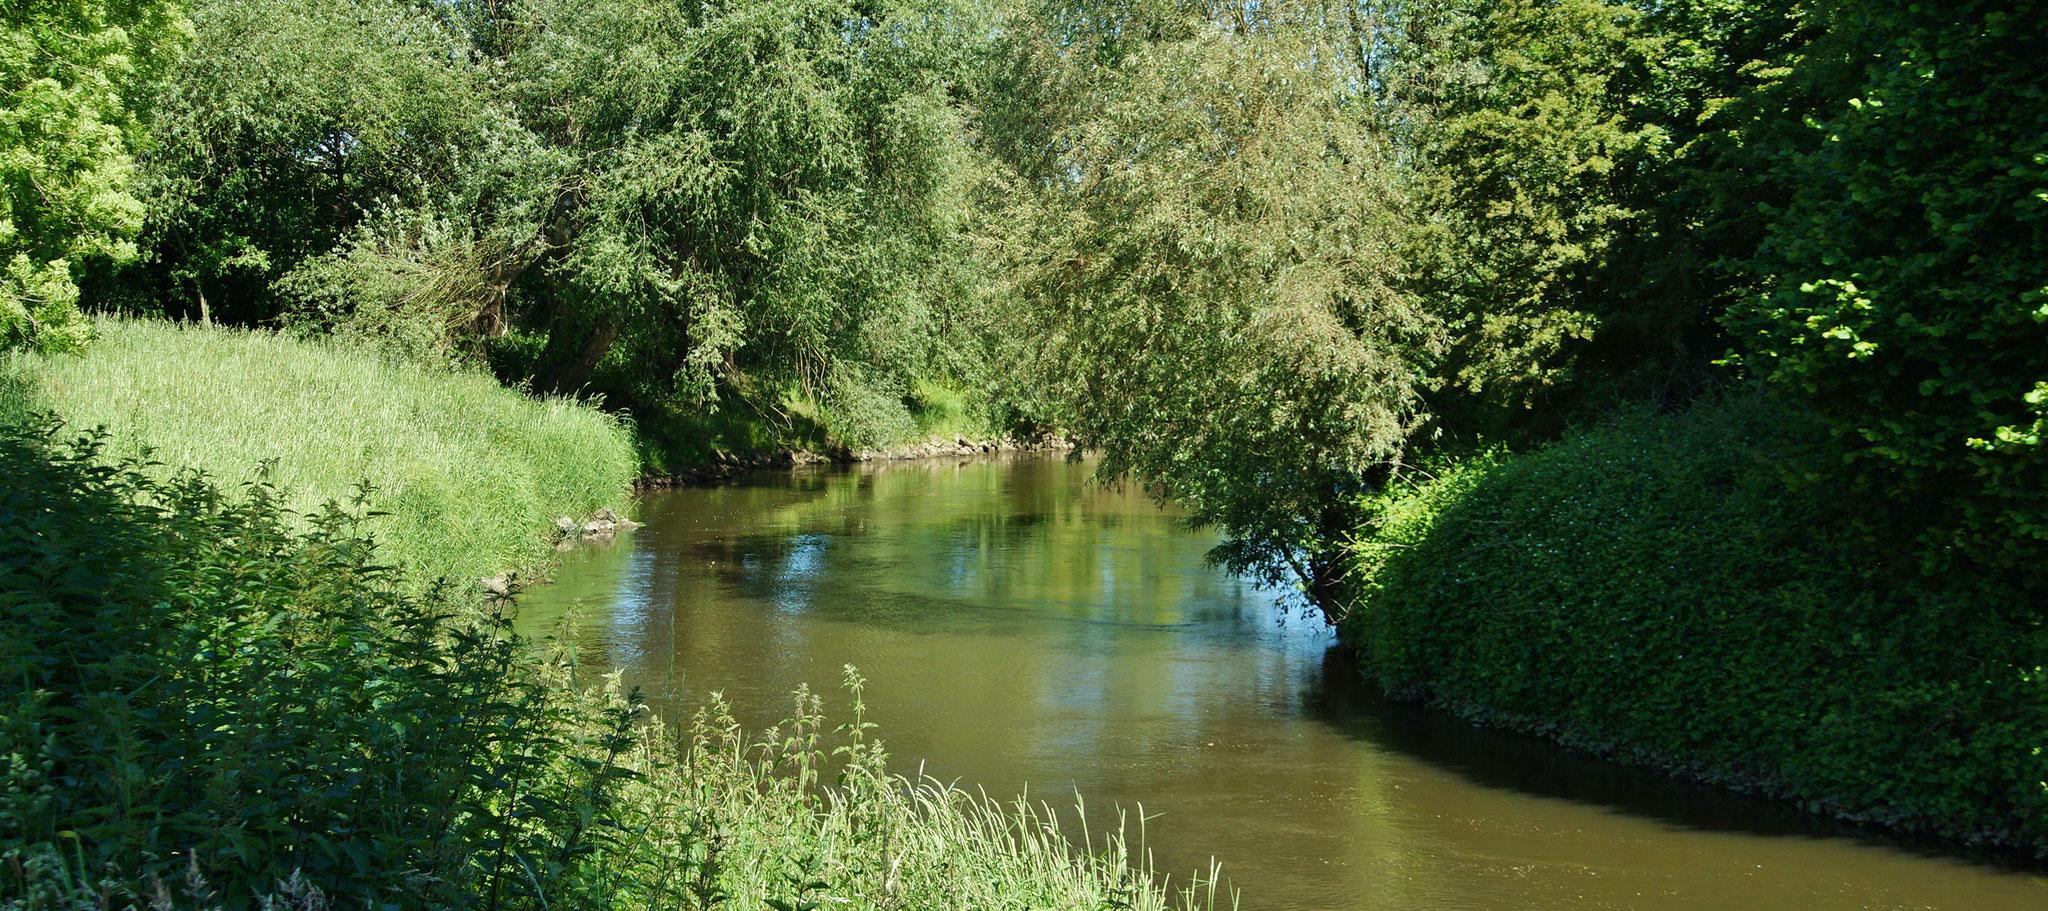 Die Roer fließt an diesem Städtchen entlang